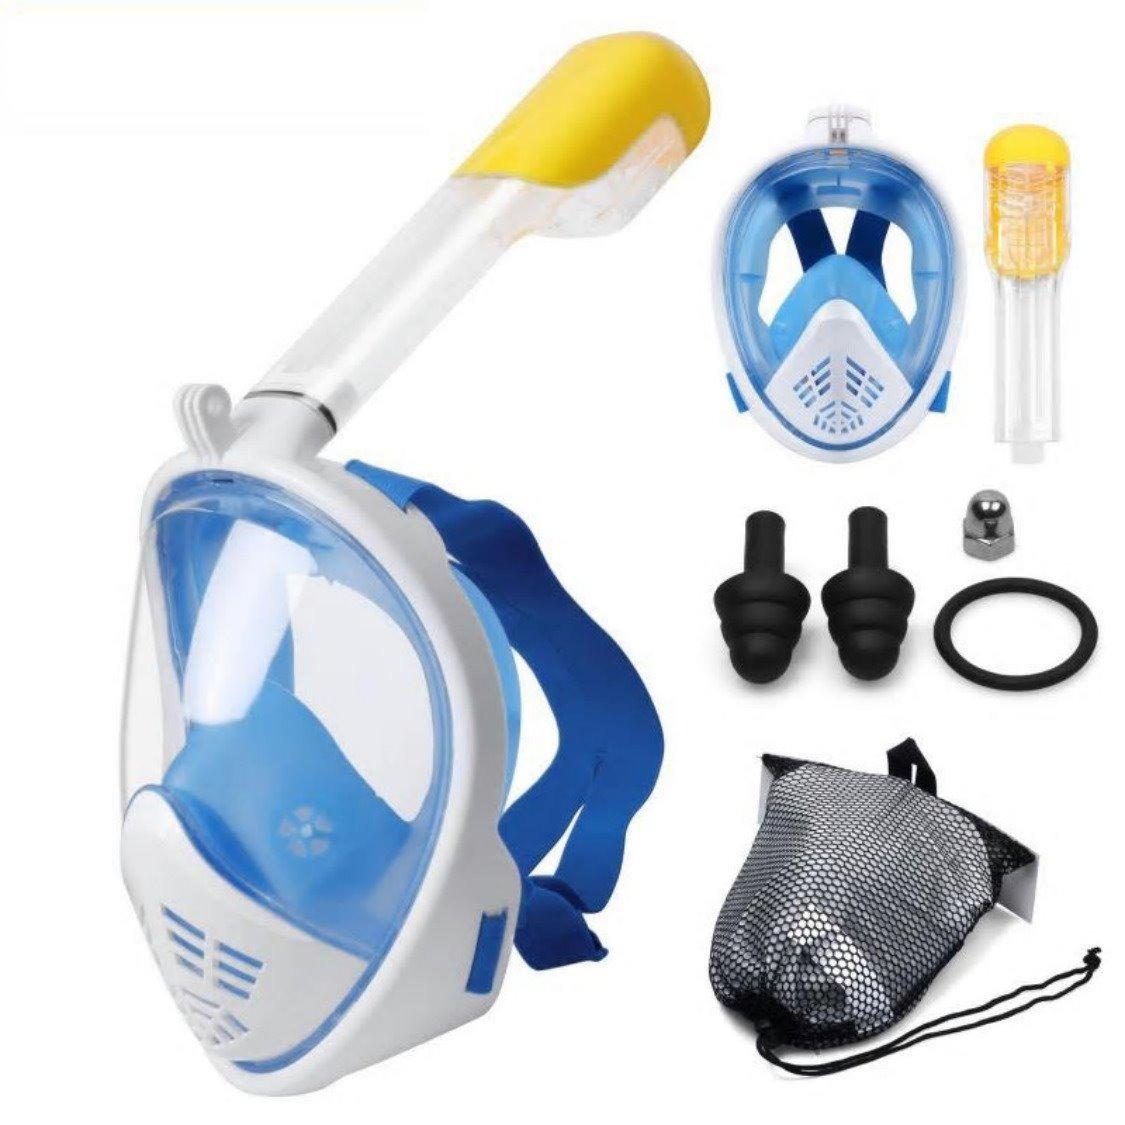 1e467787a máscara snorkel full face mergulho easybreath gopro ação. Carregando zoom.